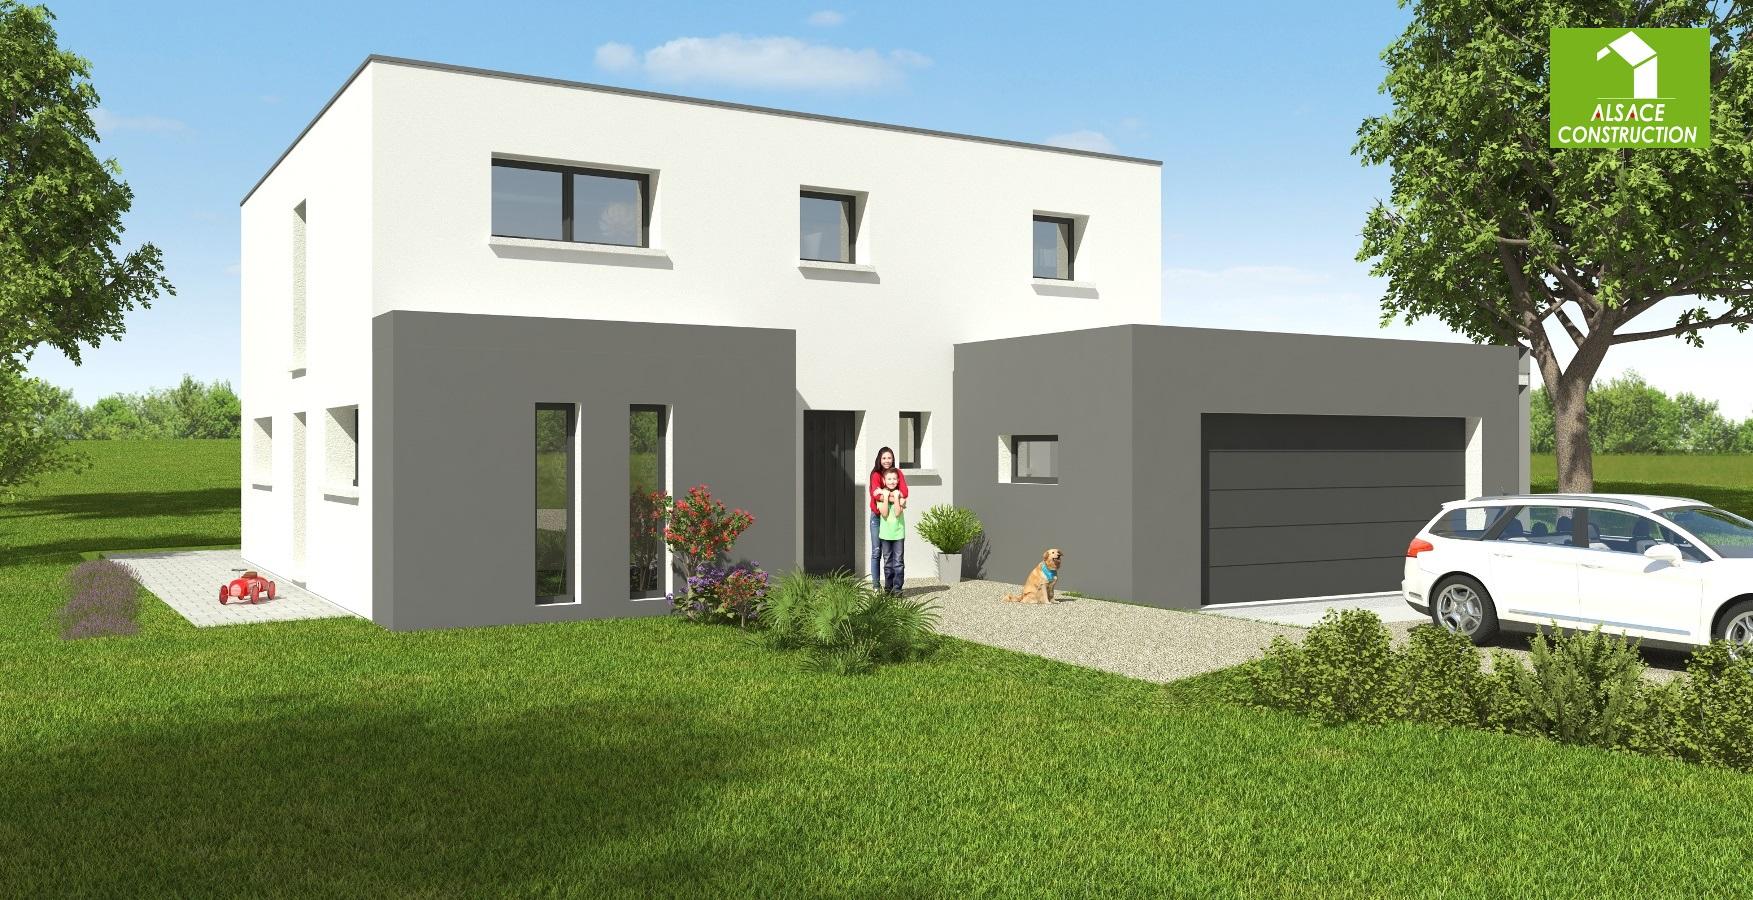 Constructeur maison individuelle alsace segu maison for Constructeur de maison individuelle 59